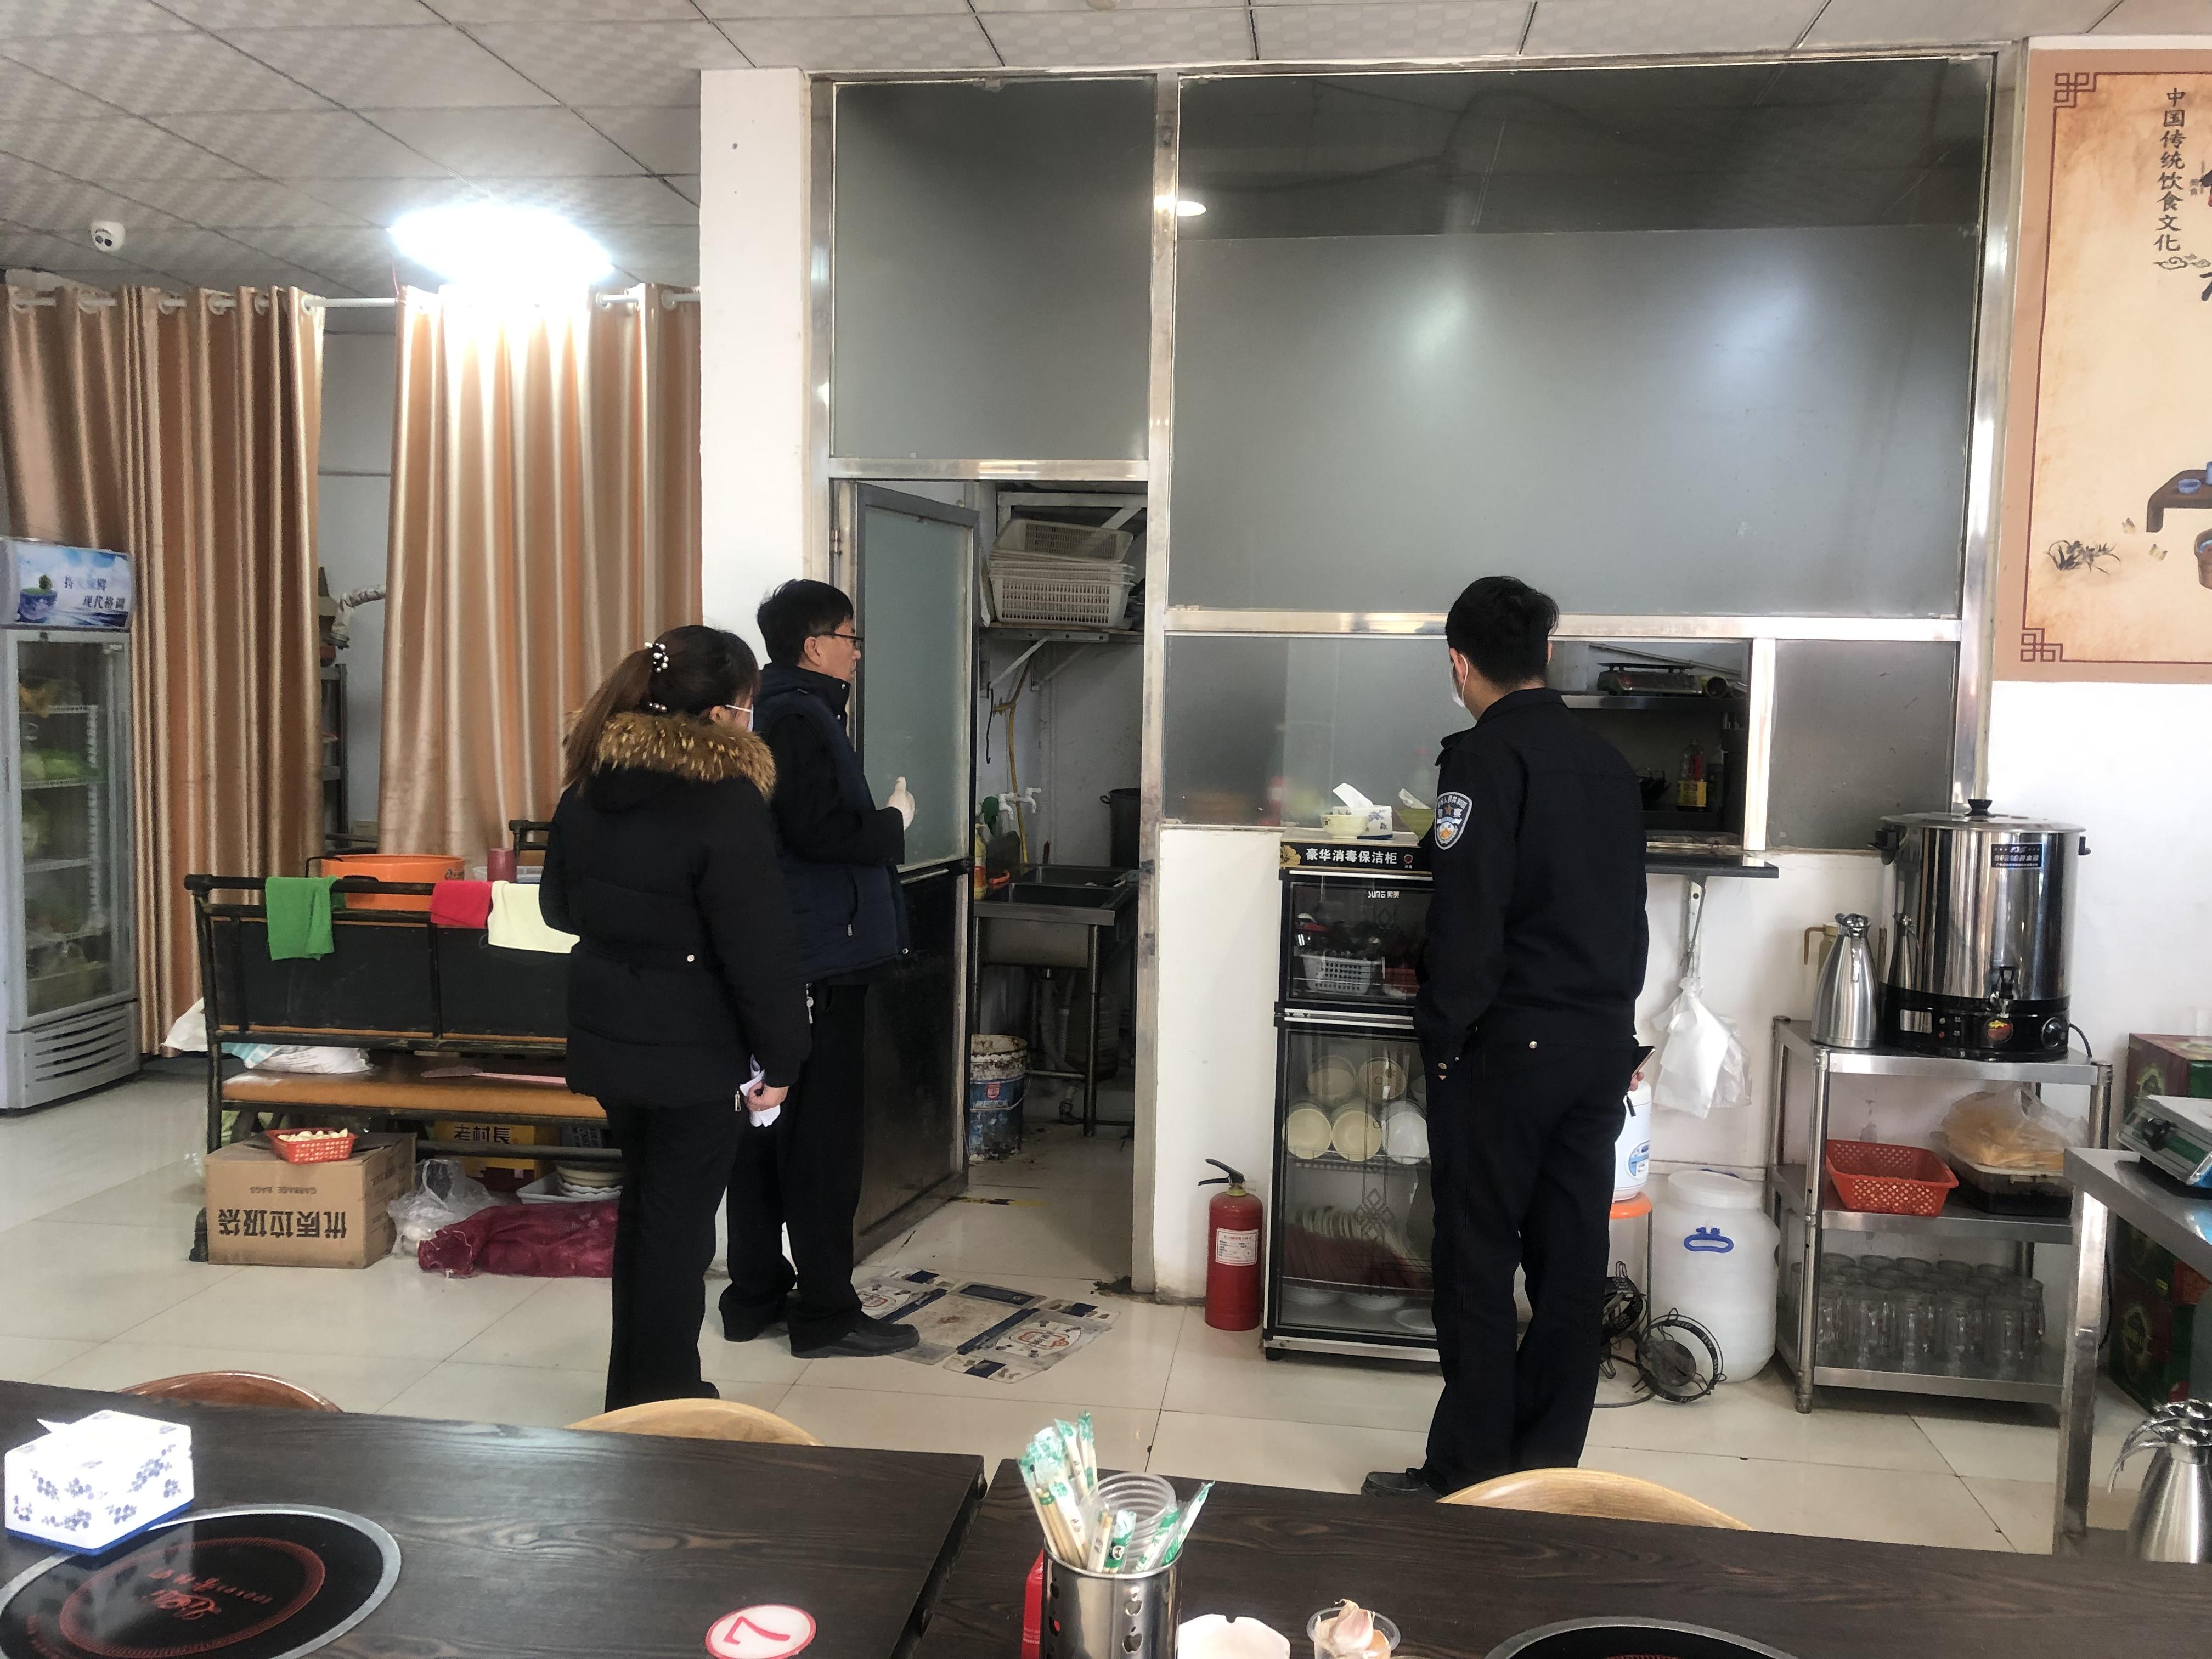 对各餐馆进行散煤排查工作.jpg